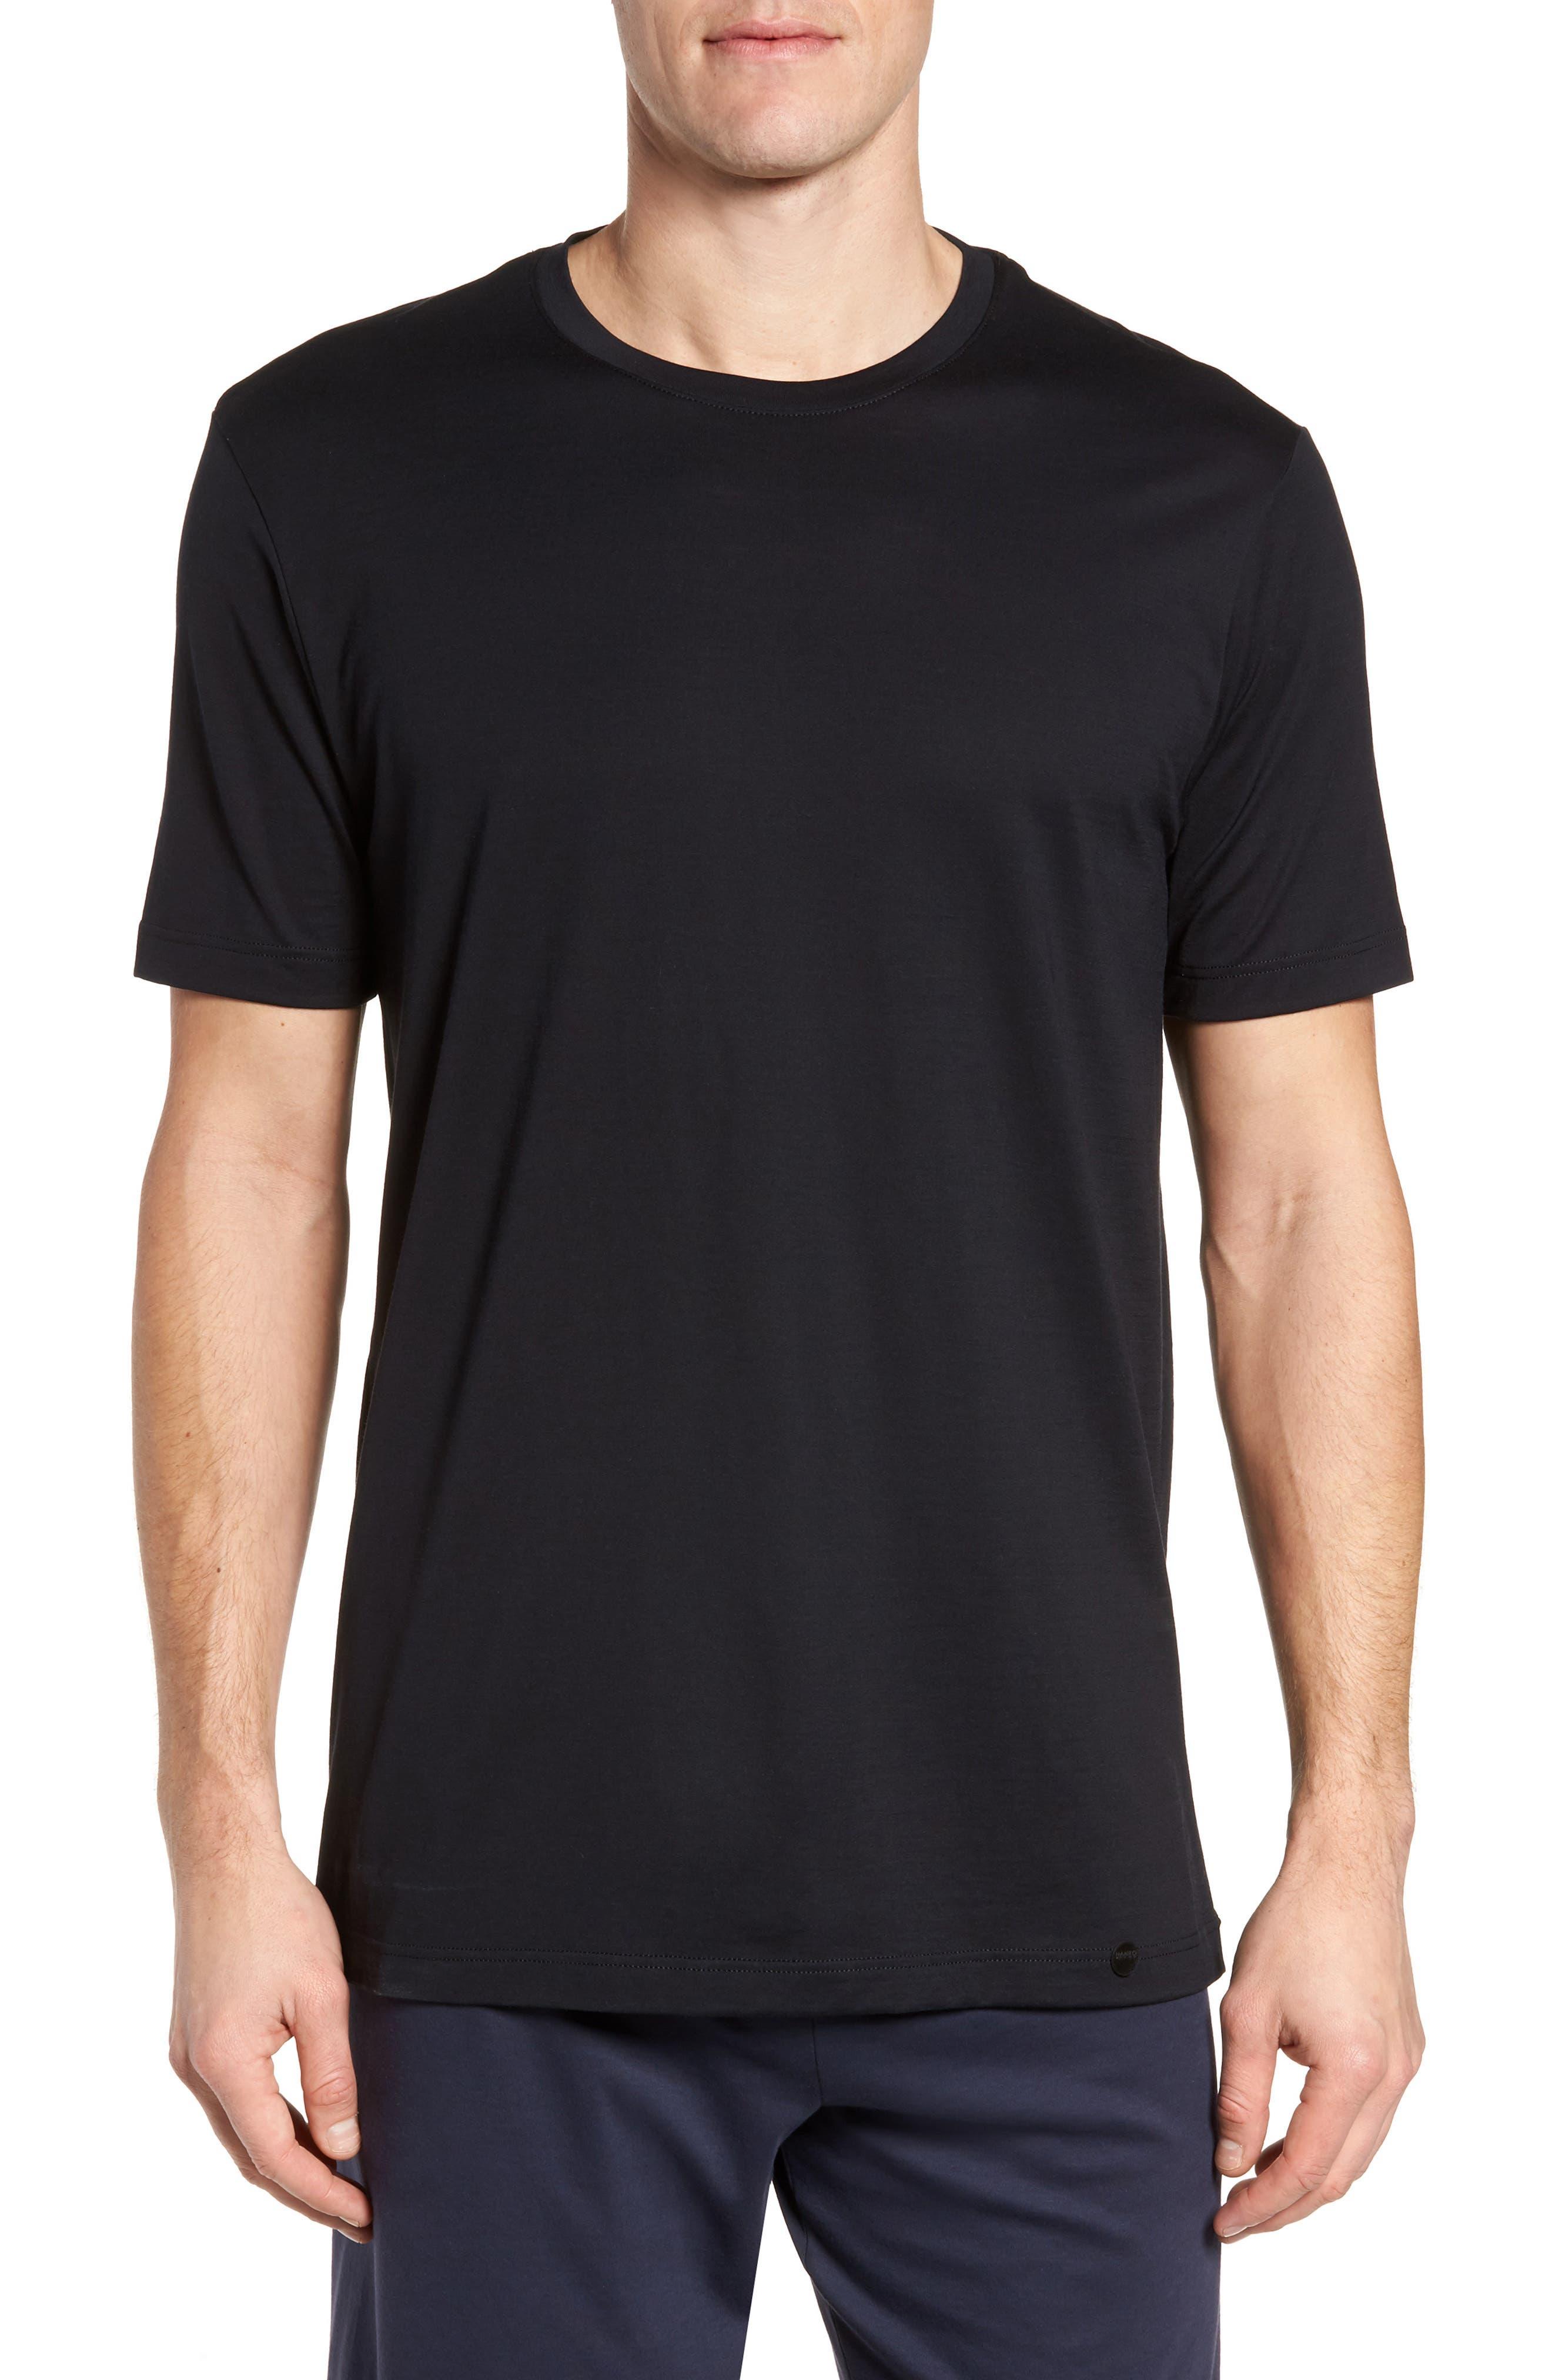 Night & Day Crewneck T-Shirt,                             Main thumbnail 1, color,                             BLACK